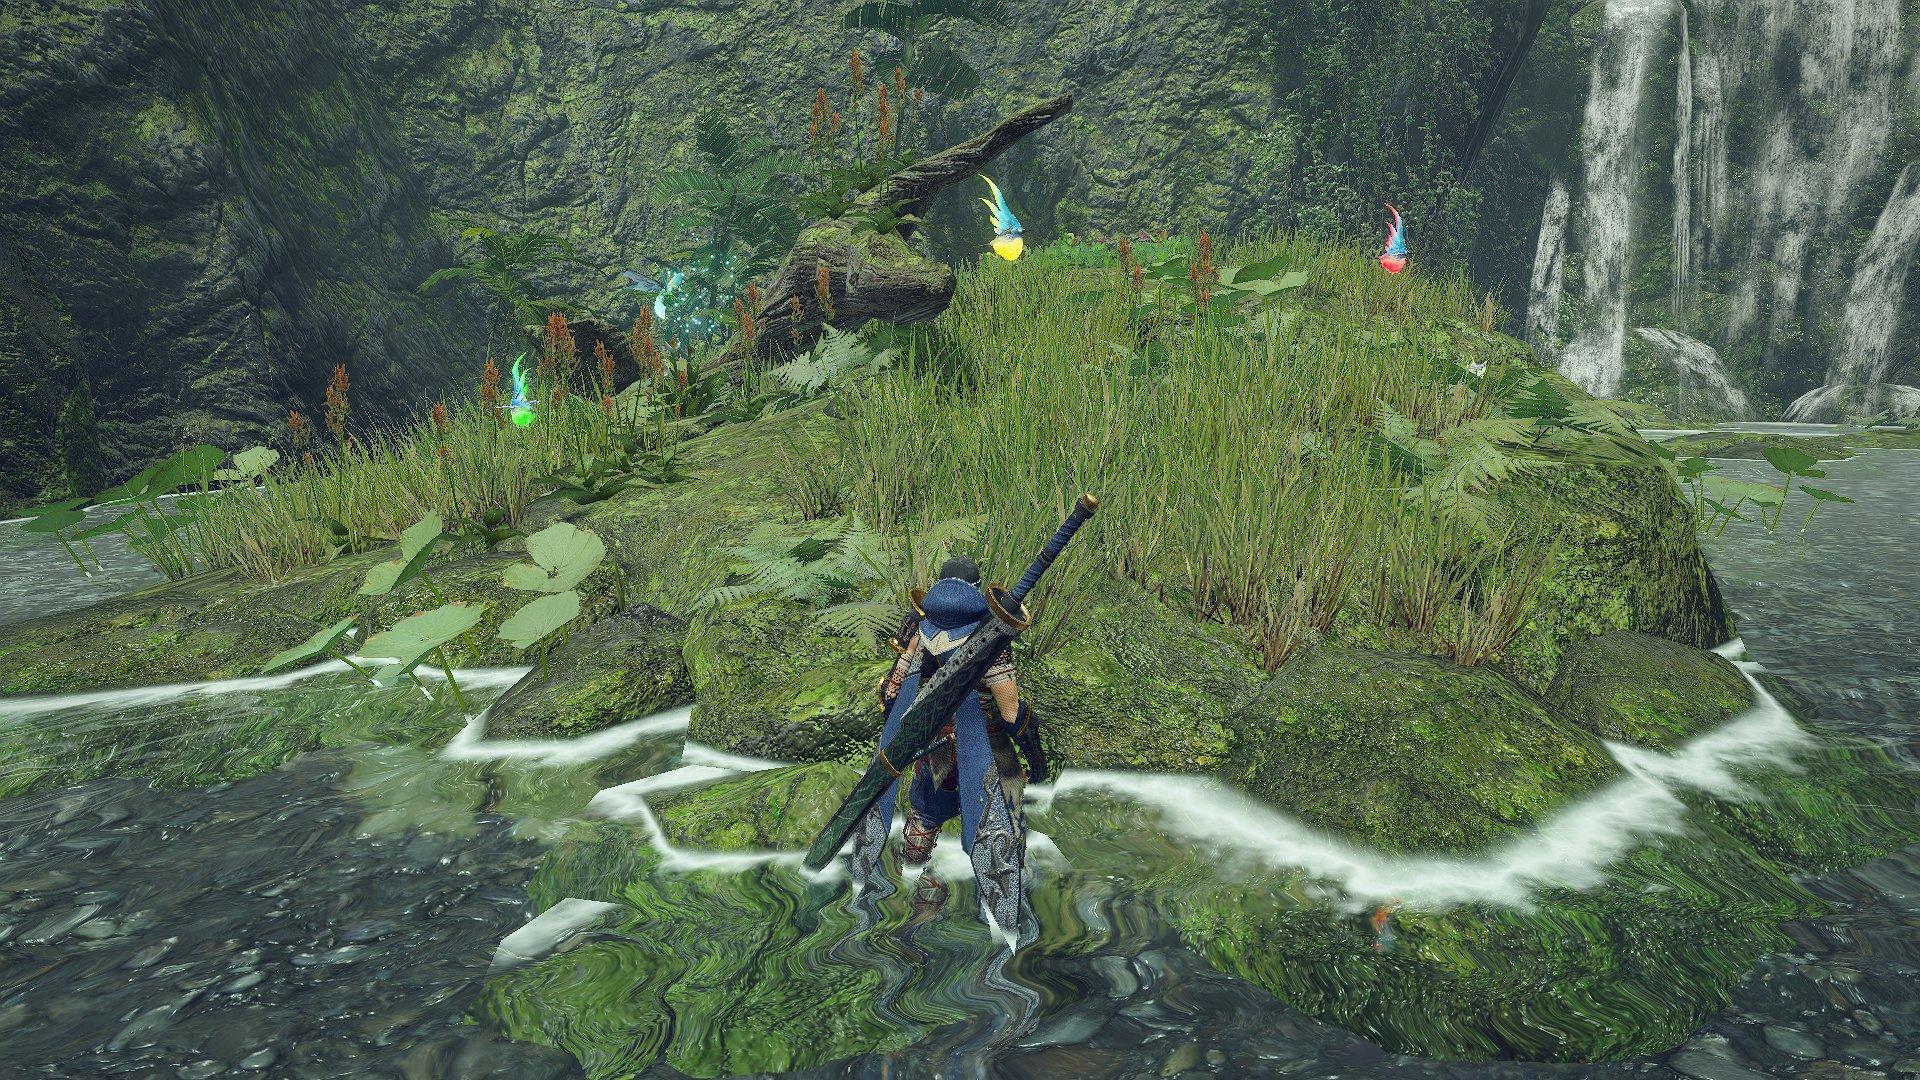 《怪物猎人:崛起》环境生物及部分武器翔虫动作演示